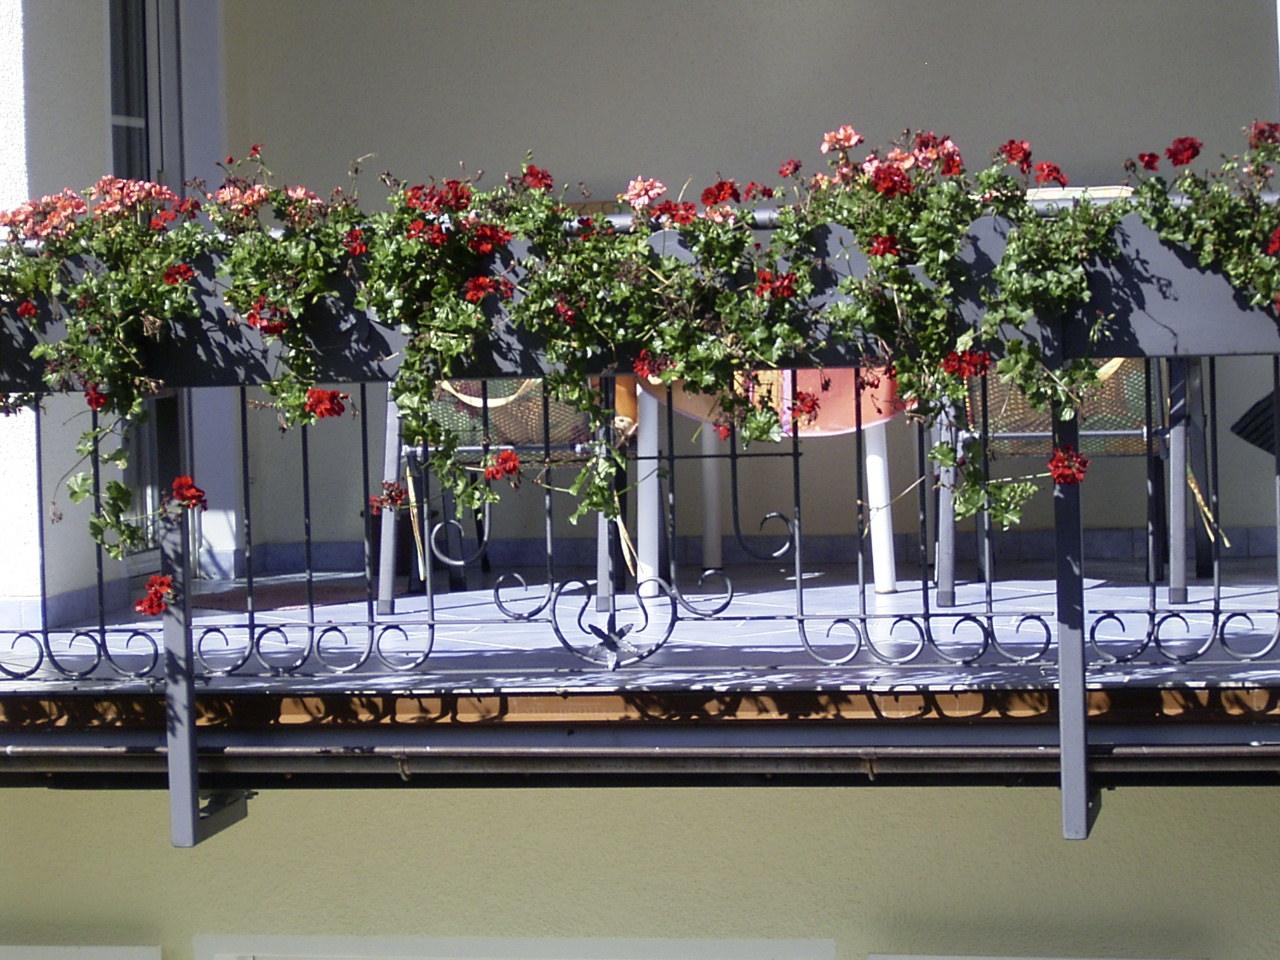 Geländer mit Blumenkasten